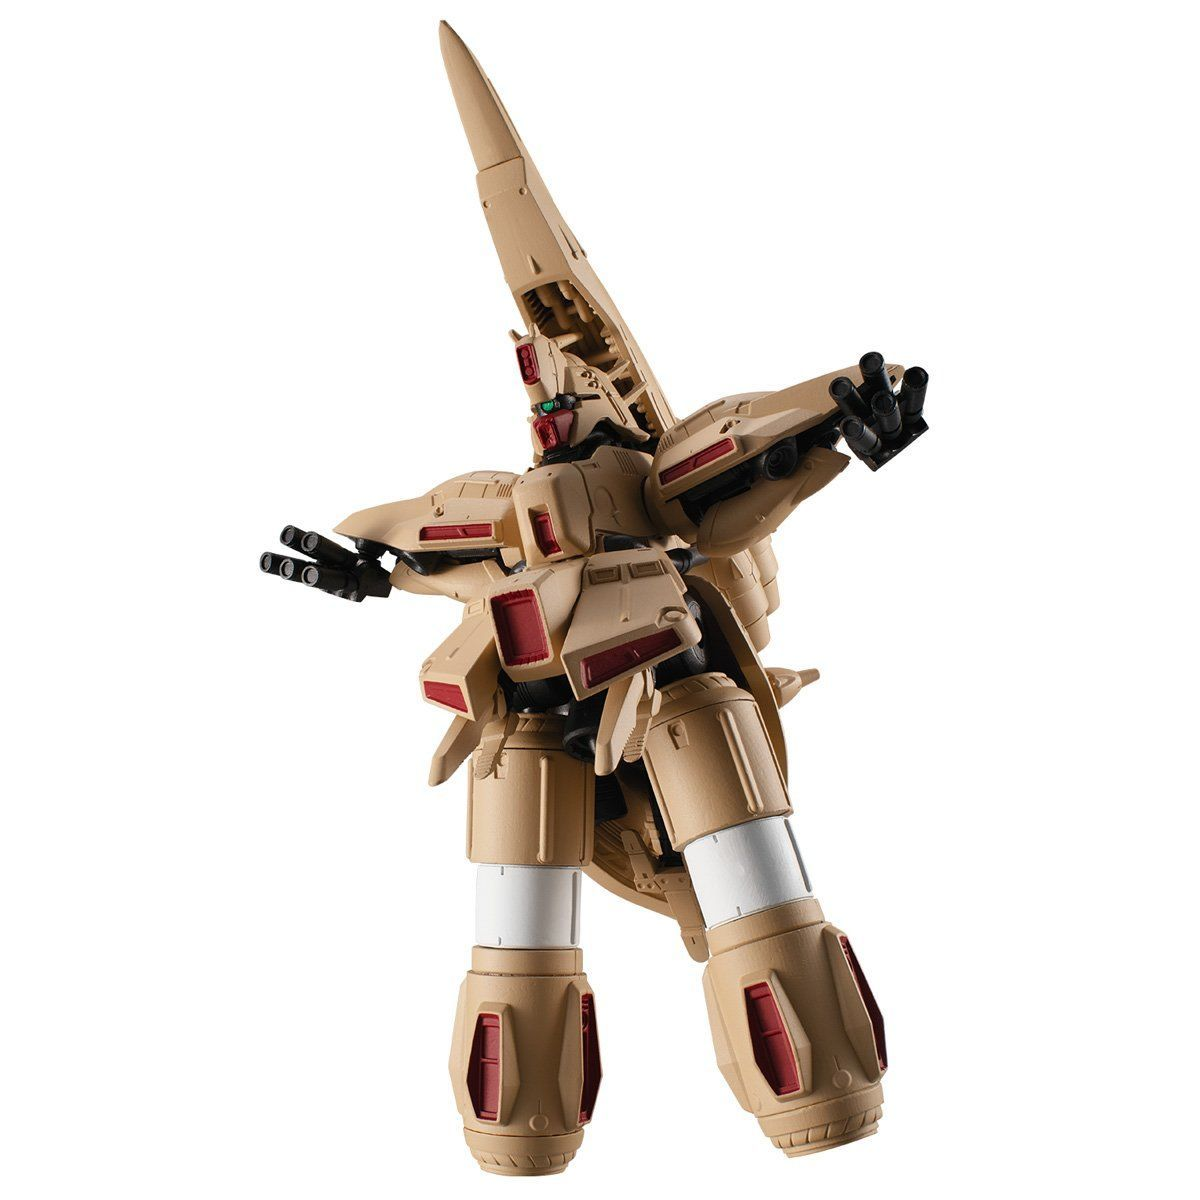 【食玩】FWコンバージ『FW GUNDAM CONVERGE EX33 α・アジール』機動戦士ガンダム 逆襲のシャア デフォルメ可動フィギュア-001